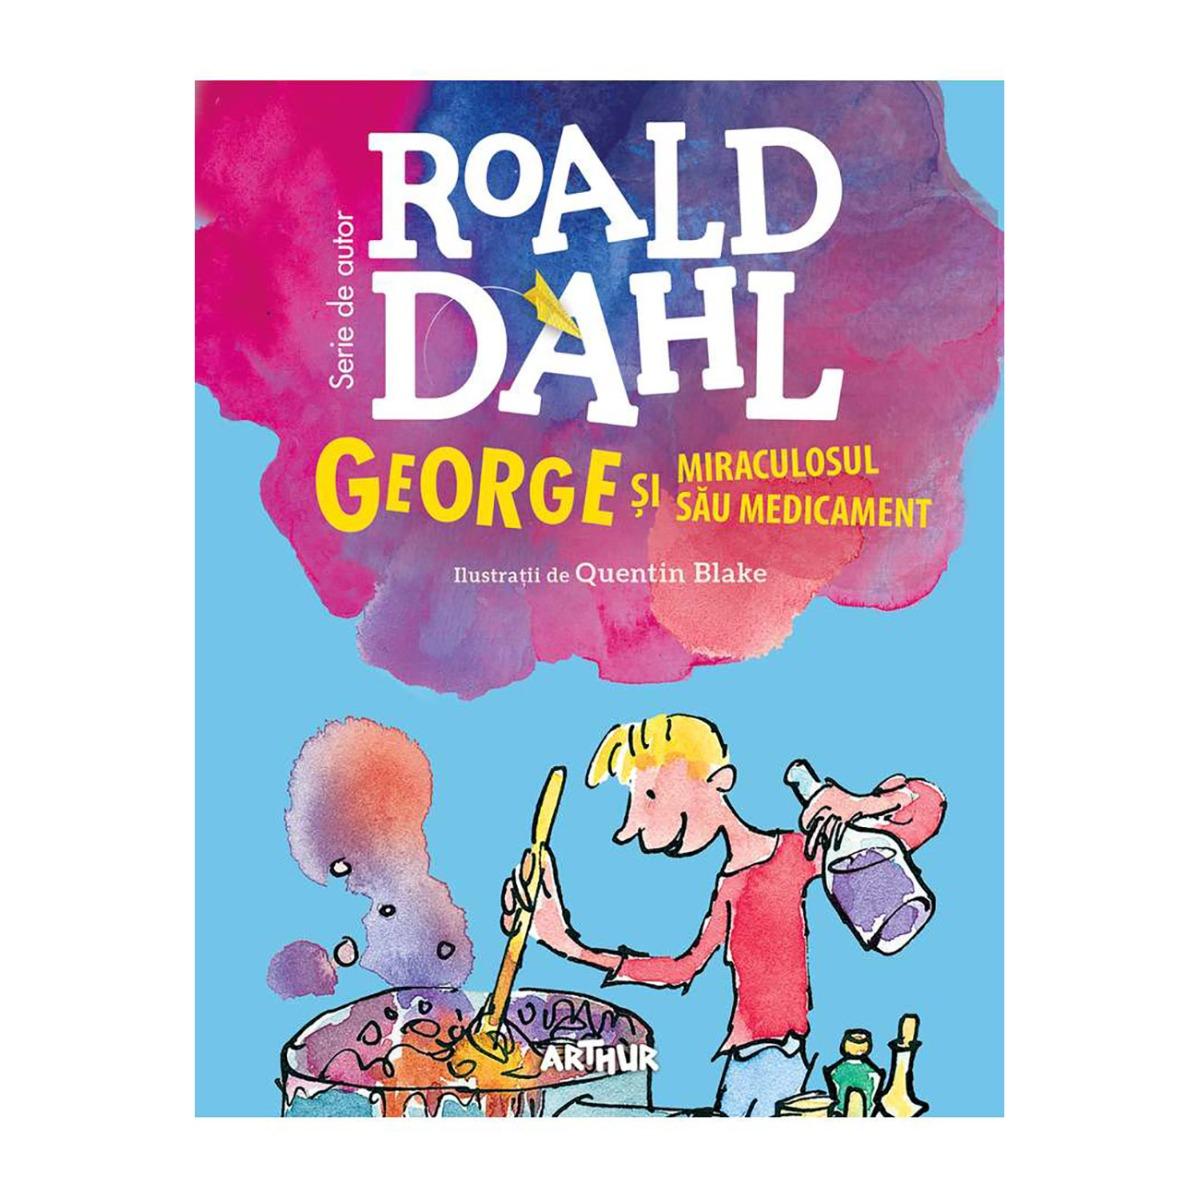 Carte Editura Arthur, George si miraculosul sau medicament, Roald Dahl